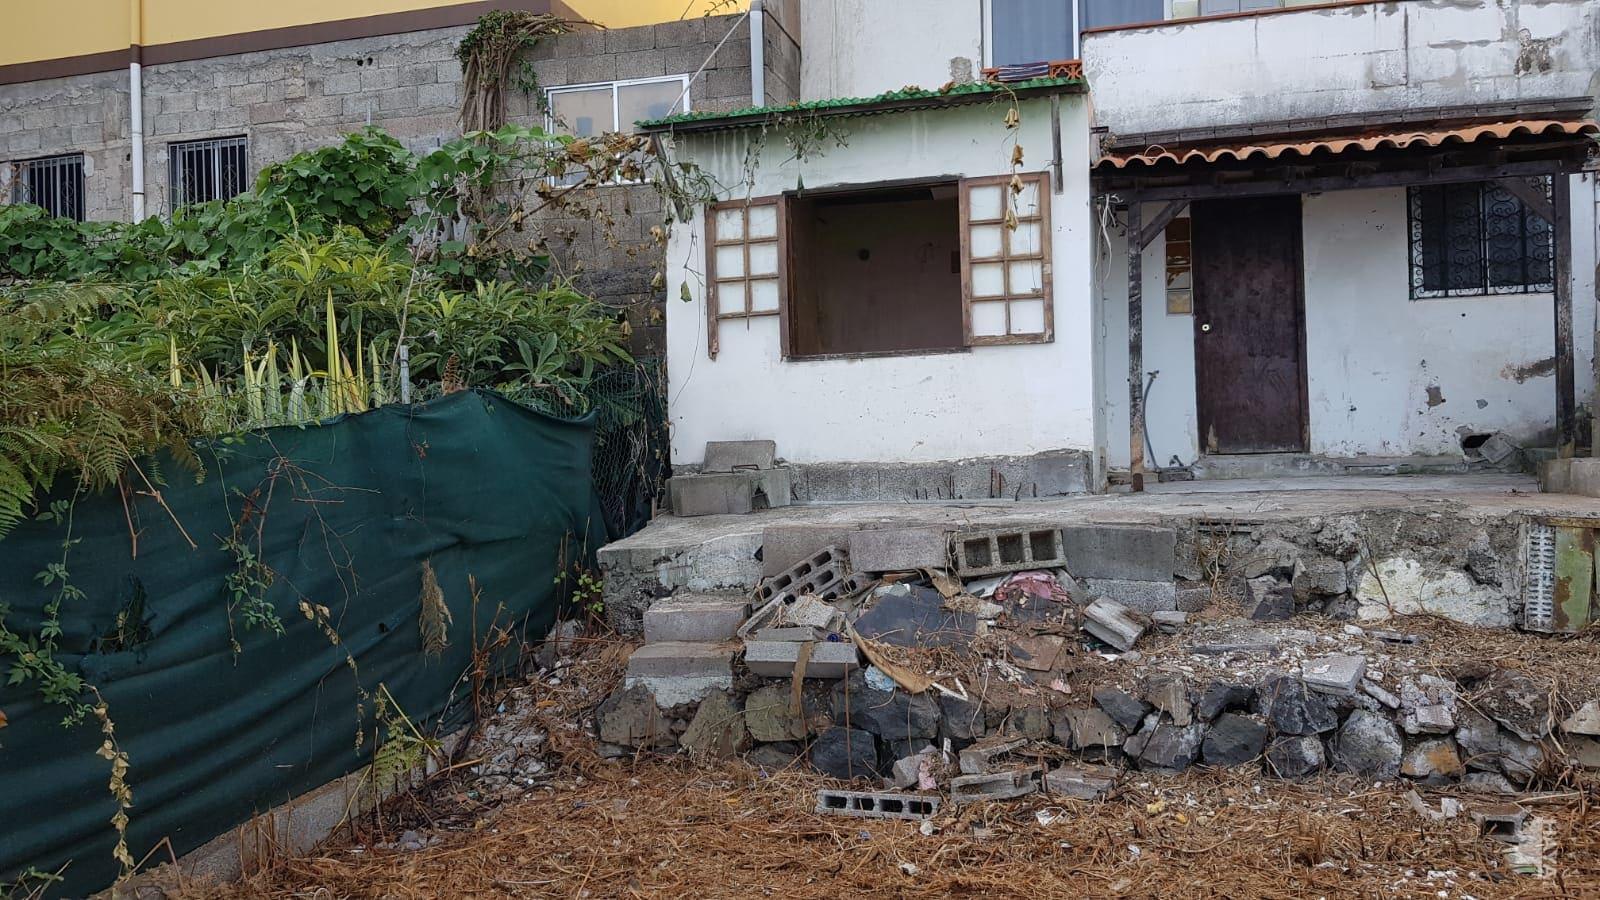 Piso en venta en La Corujera, Santa Úrsula, Santa Cruz de Tenerife, Calle Guanches, 40.200 €, 1 habitación, 1 baño, 61 m2